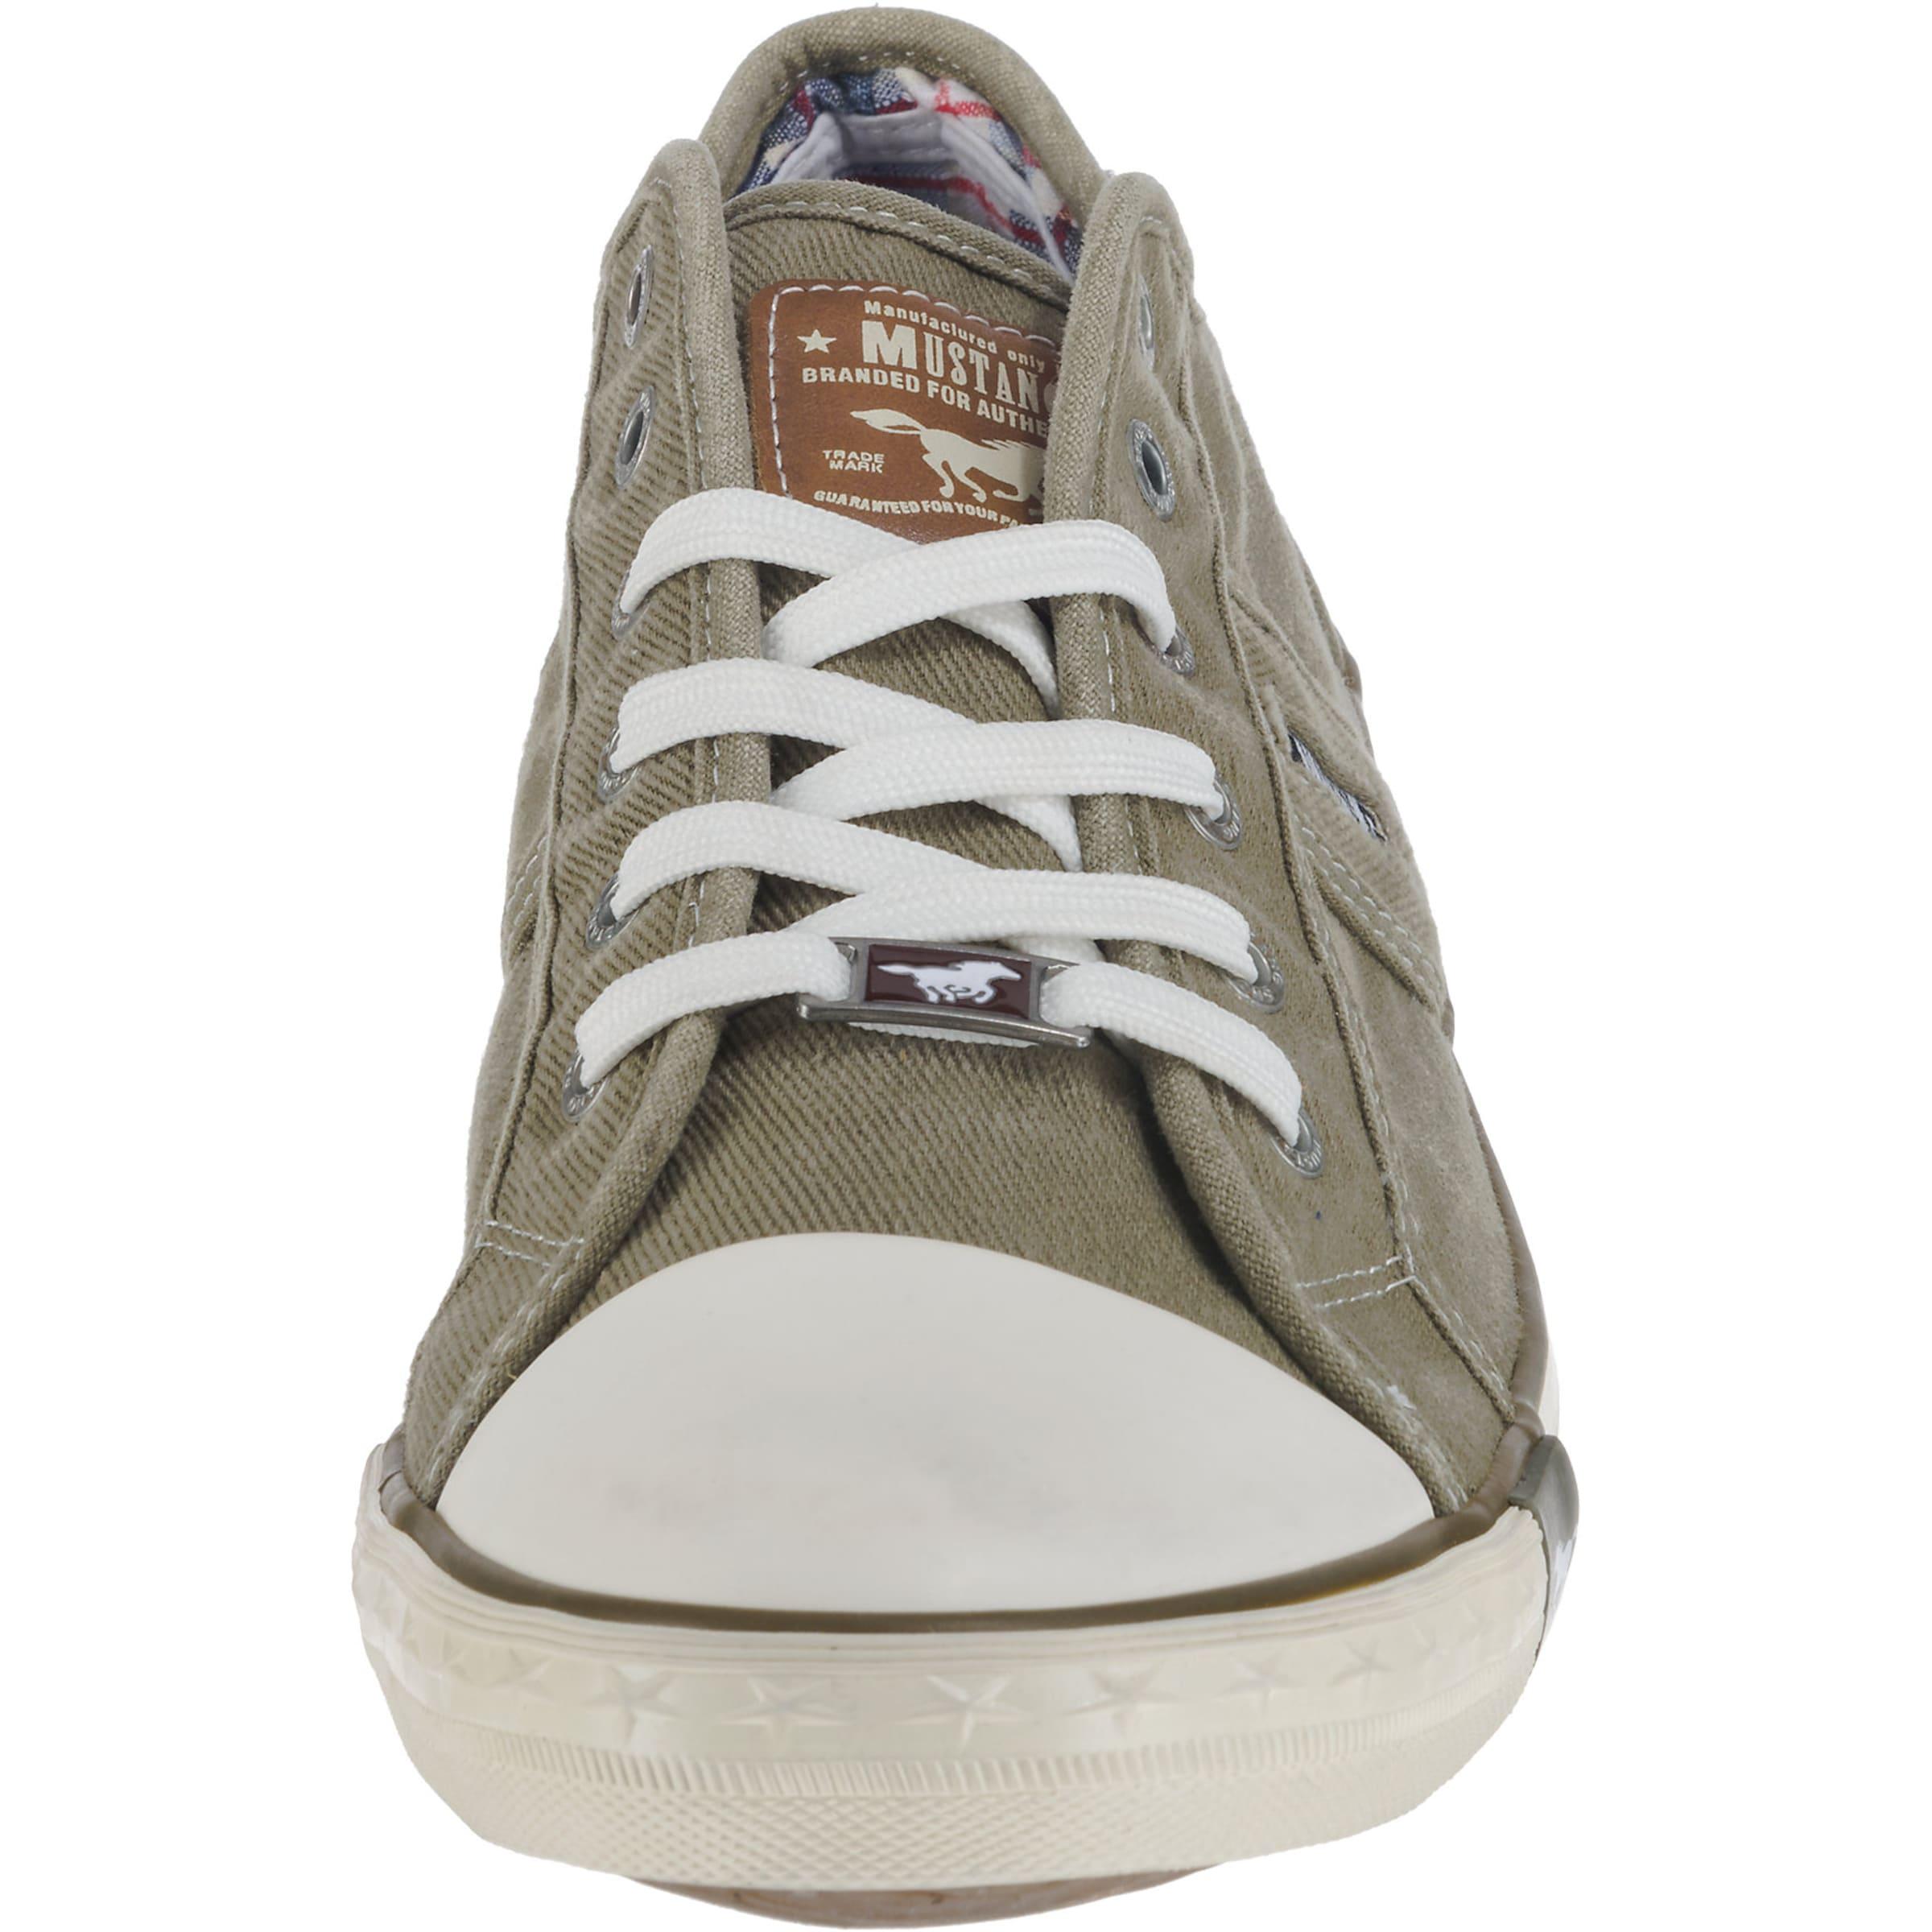 Billig Verkauf Offiziell Footlocker Finish Günstig Online MUSTANG Sneakers Low Hf5QvF7